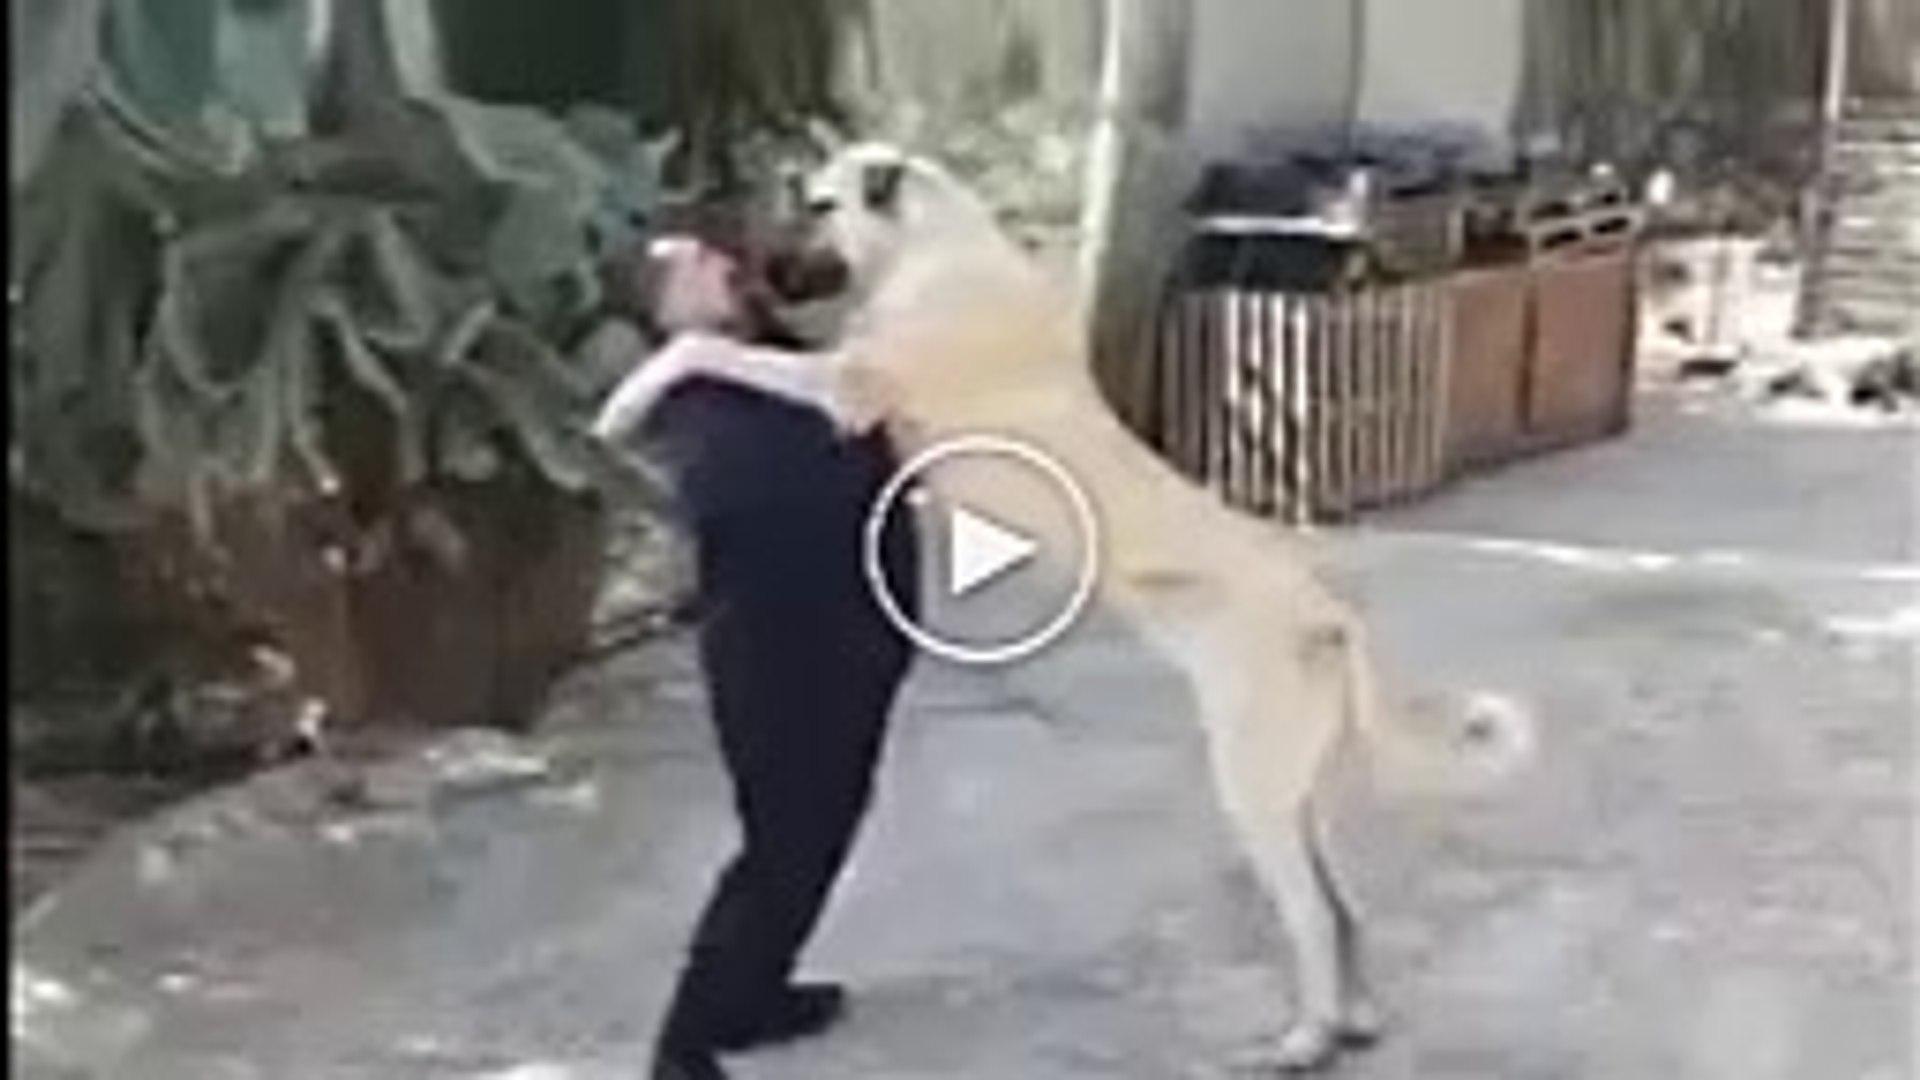 DEV +1 METRE ANADOLU COBAN KOPEGi - +1 METER GiANT ANATOLiAN SHEPHERD DOG